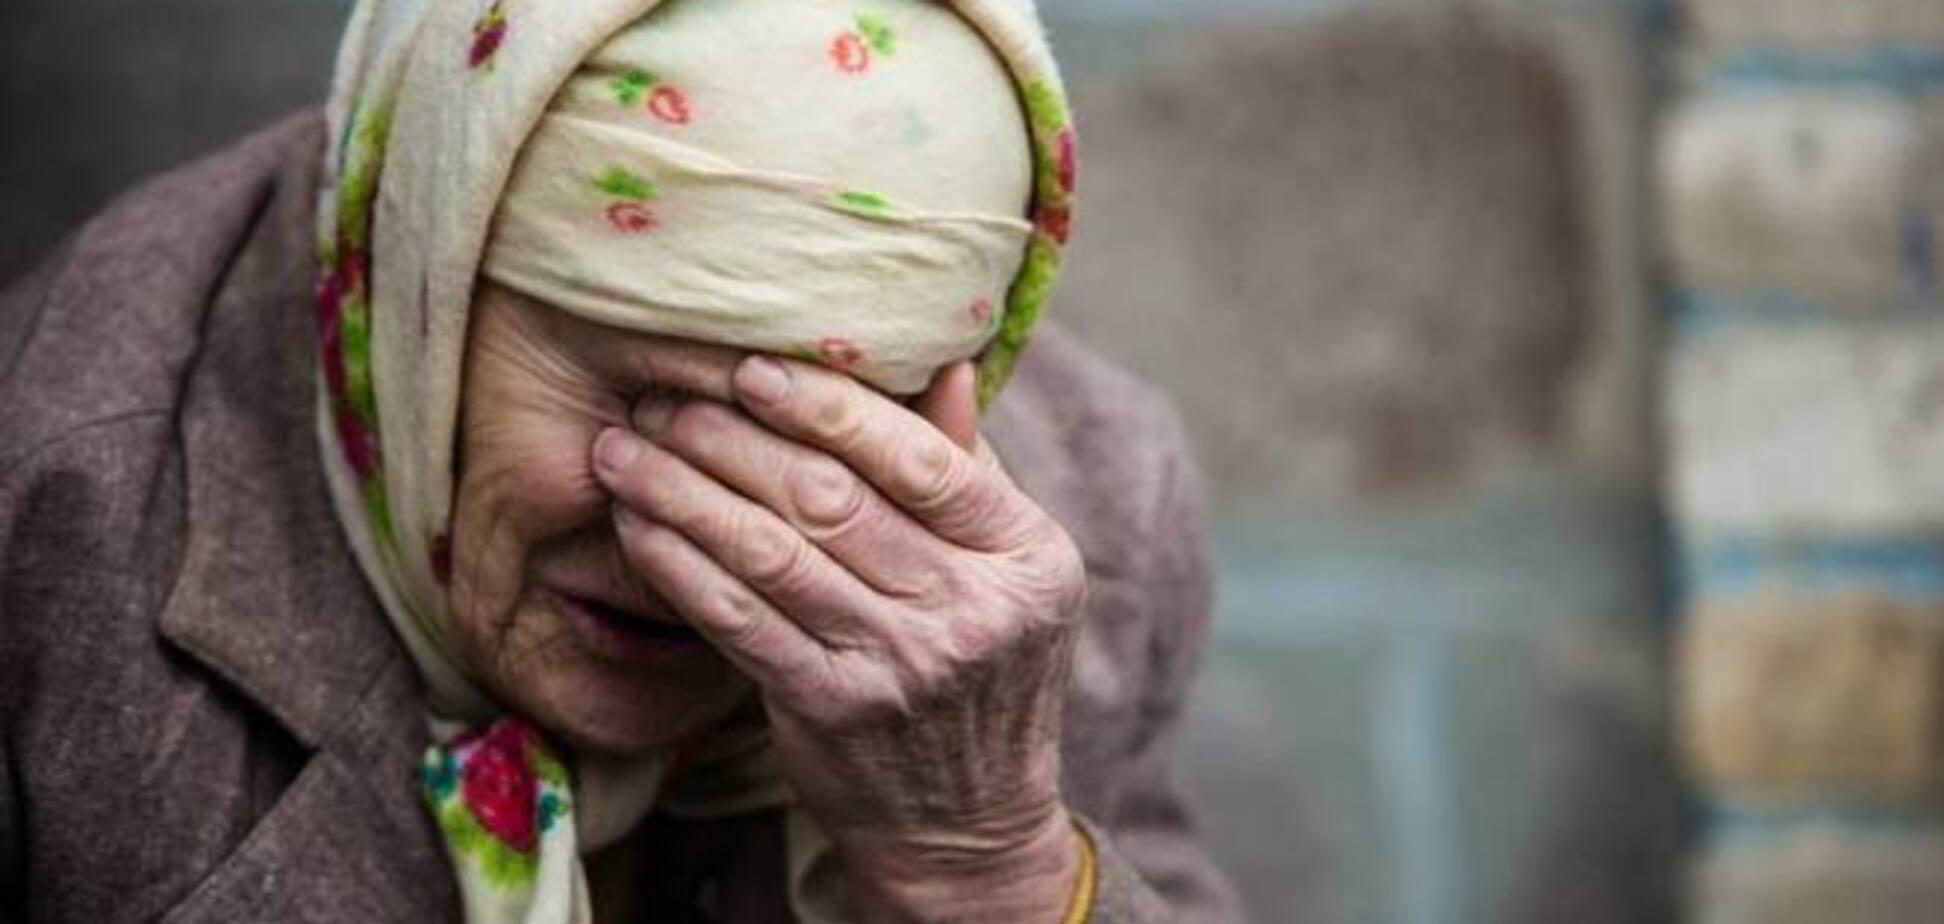 На Луганщине снаряд влетел в дом престарелых: около 60 одиноких стариков в шоковом состоянии